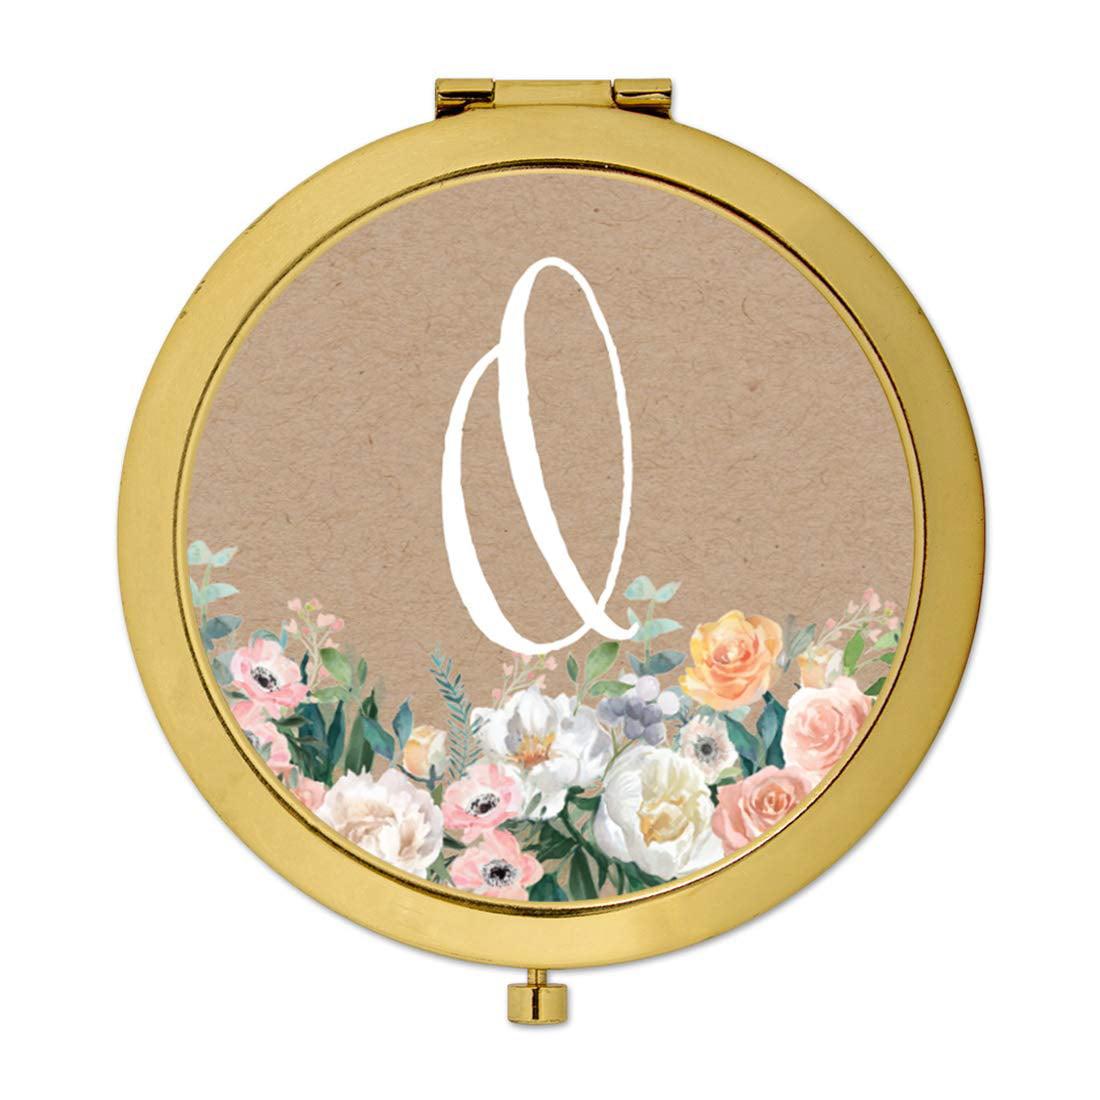 Wedding Gifts At Walmart: Andaz Press Gold Compact Mirror Bridesmaid's Wedding Gift